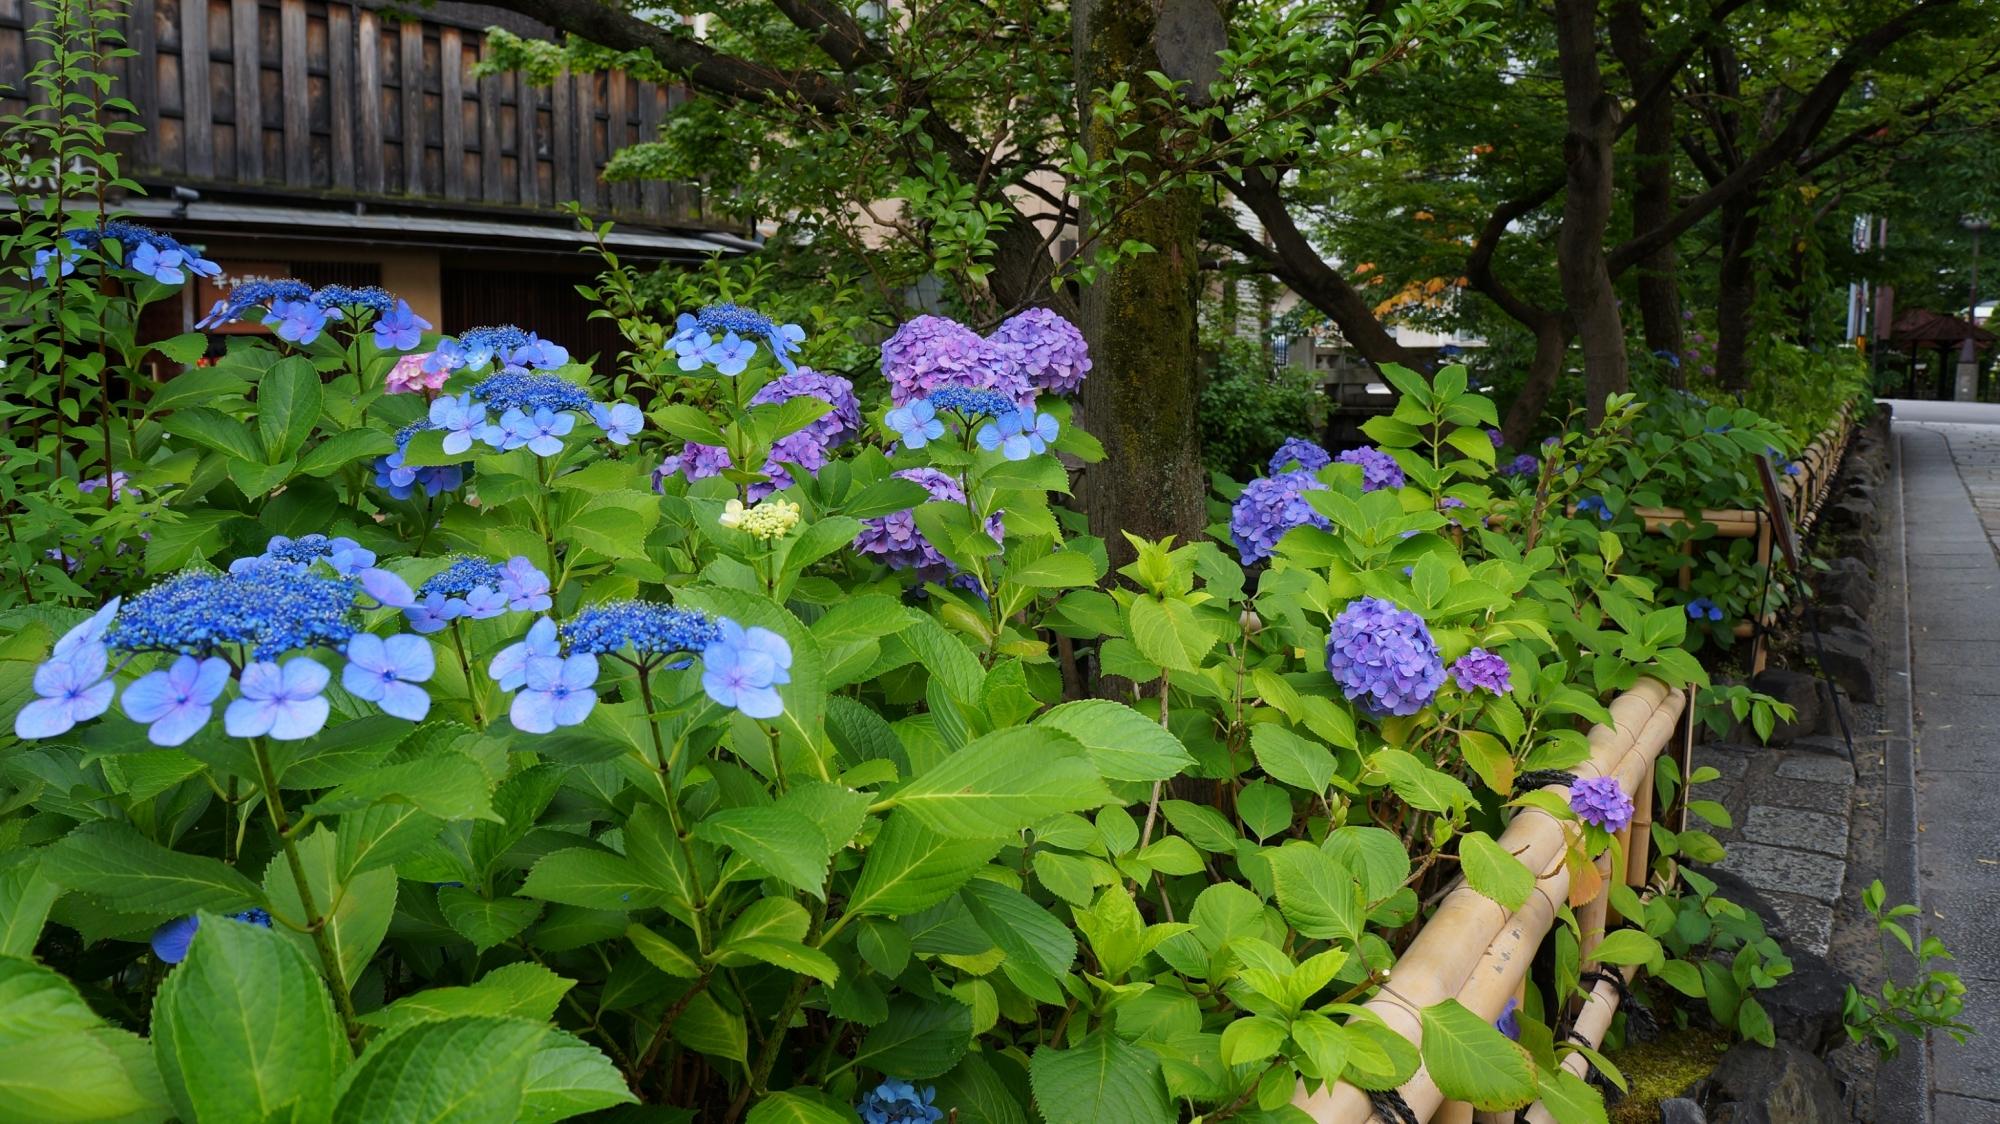 祇園白川の石畳を染める趣きある紫陽花